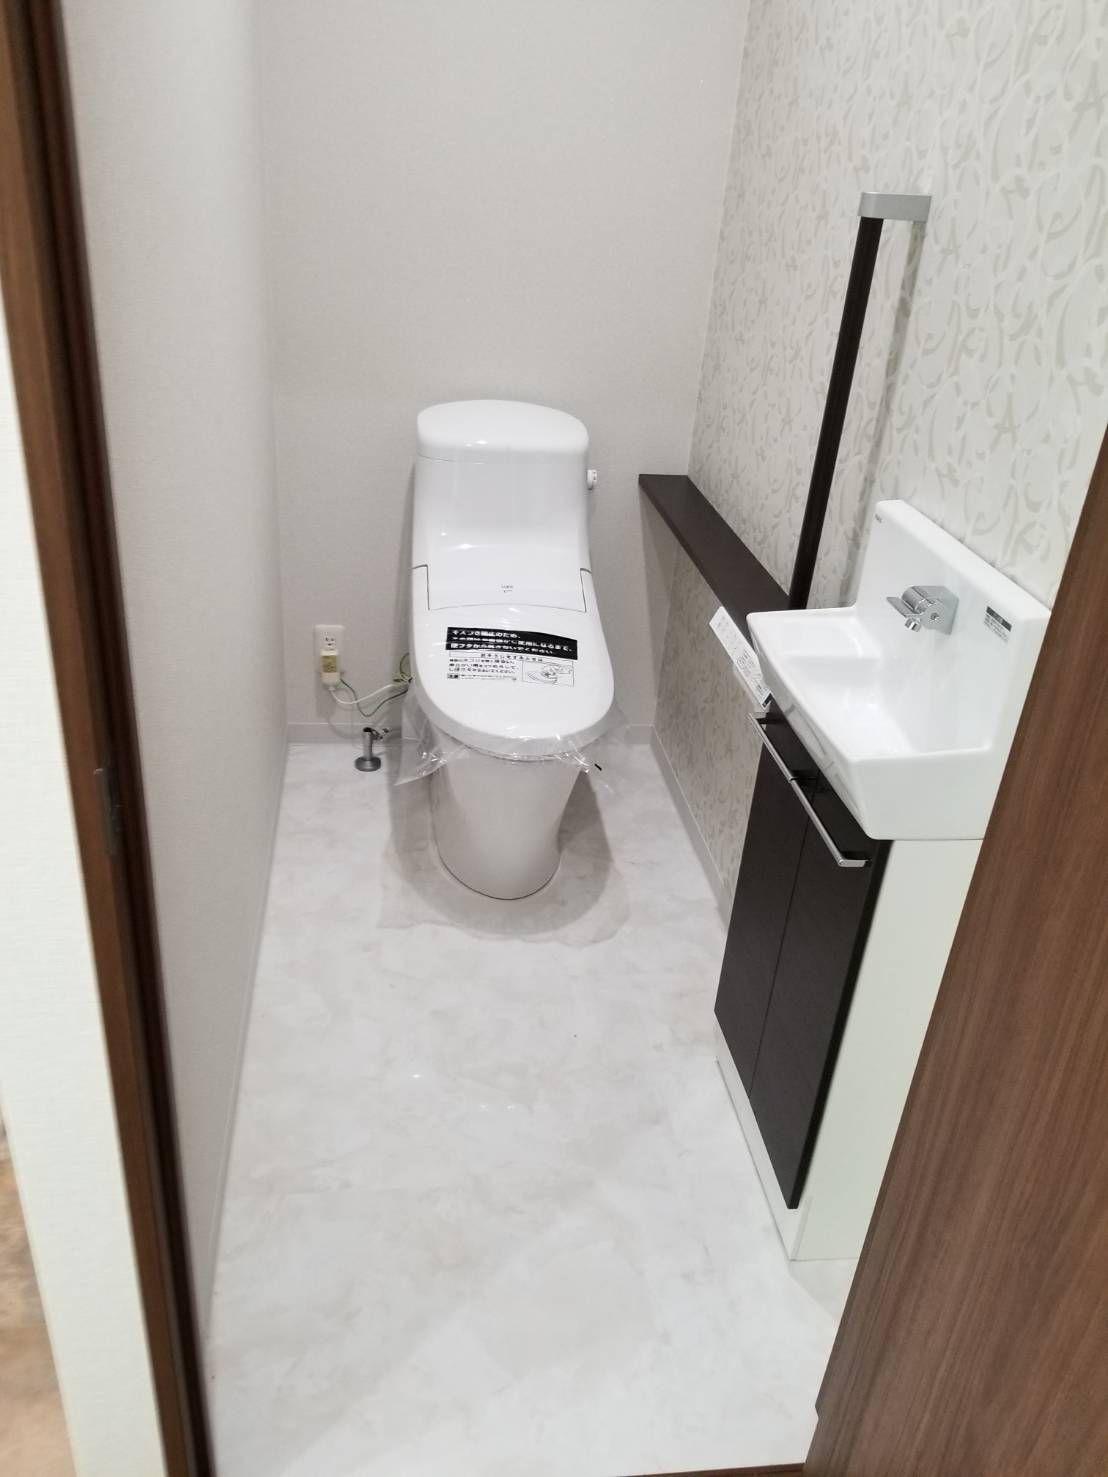 バス トイレ Lixil タイル タイセイホーム リクシルのトイレ などのインテリア実例 2015 12 19 17 08 02 Roomclip ルームクリップ シンプル トイレ インテリア トイレ インテリア